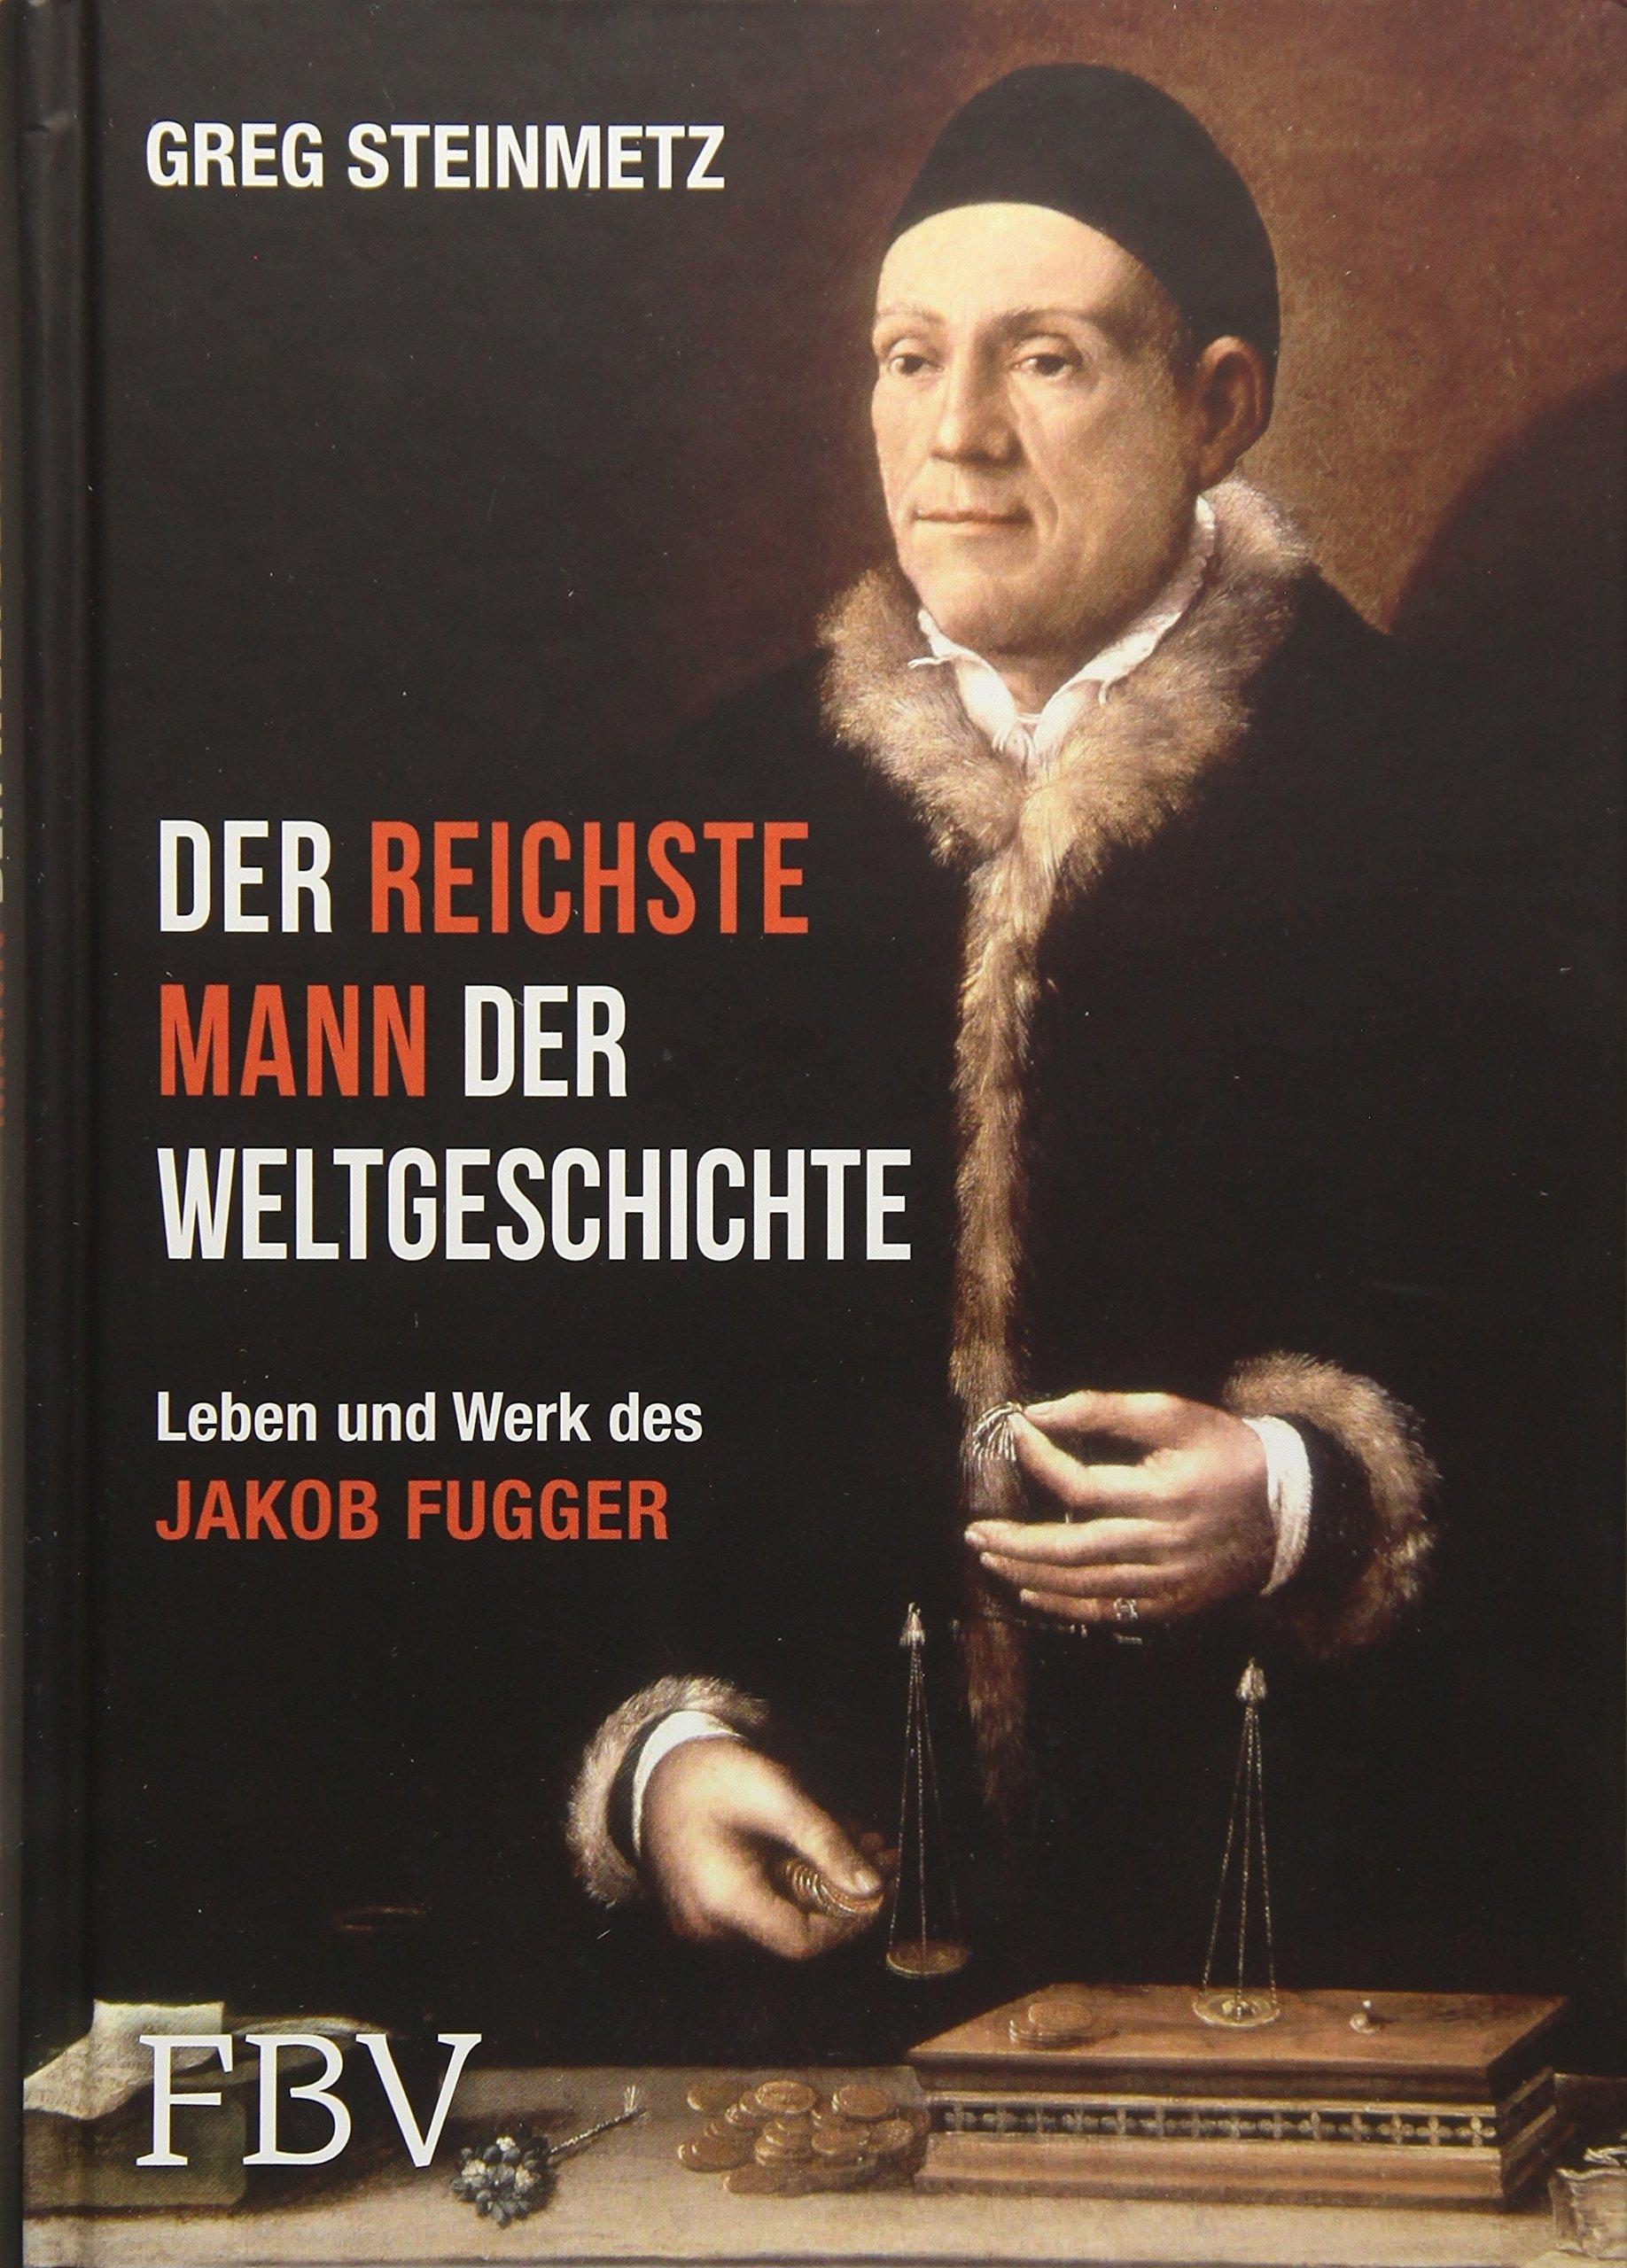 Der reichste Mann der Weltgeschichte: Leben und Werk des Jakob Fugger Gebundenes Buch – 6. Juni 2016 Greg Steinmetz FinanzBuch Verlag 3898799611 Wirtschaft / Allgemeines